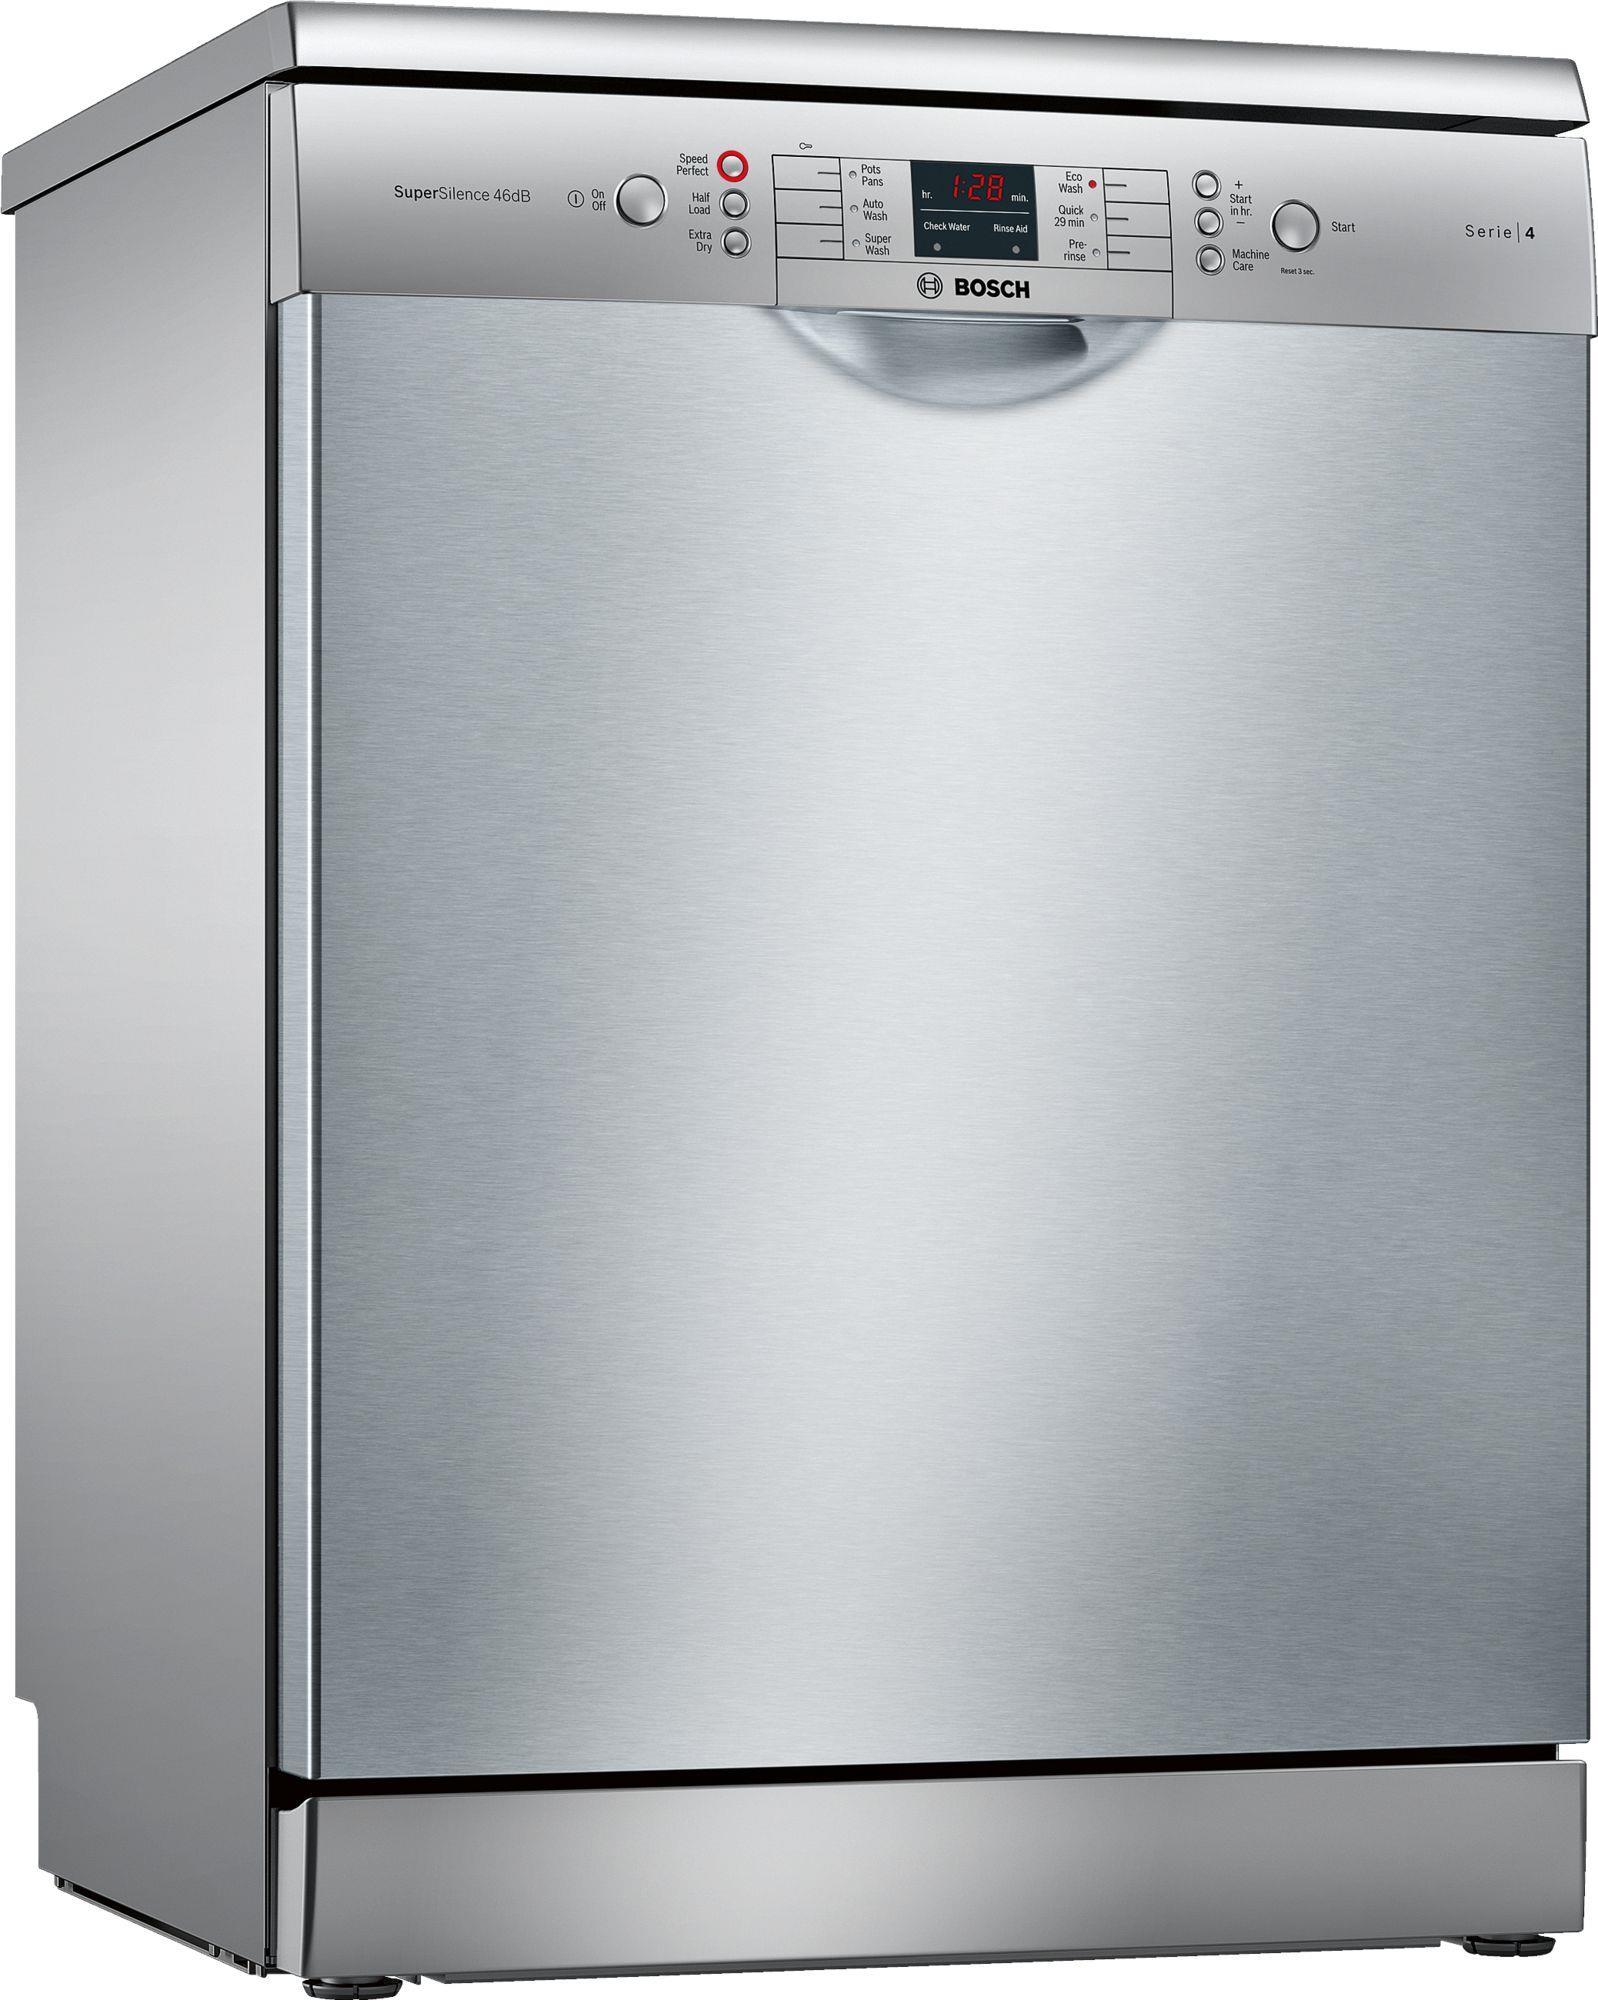 Посудомоечная машина bosch silence plus: инструкция по эксплуатации, применению, неисправности, что это за функция, встраиваемая, как пользоваться, serie 2, edition 45, отзывы, ошибка е09